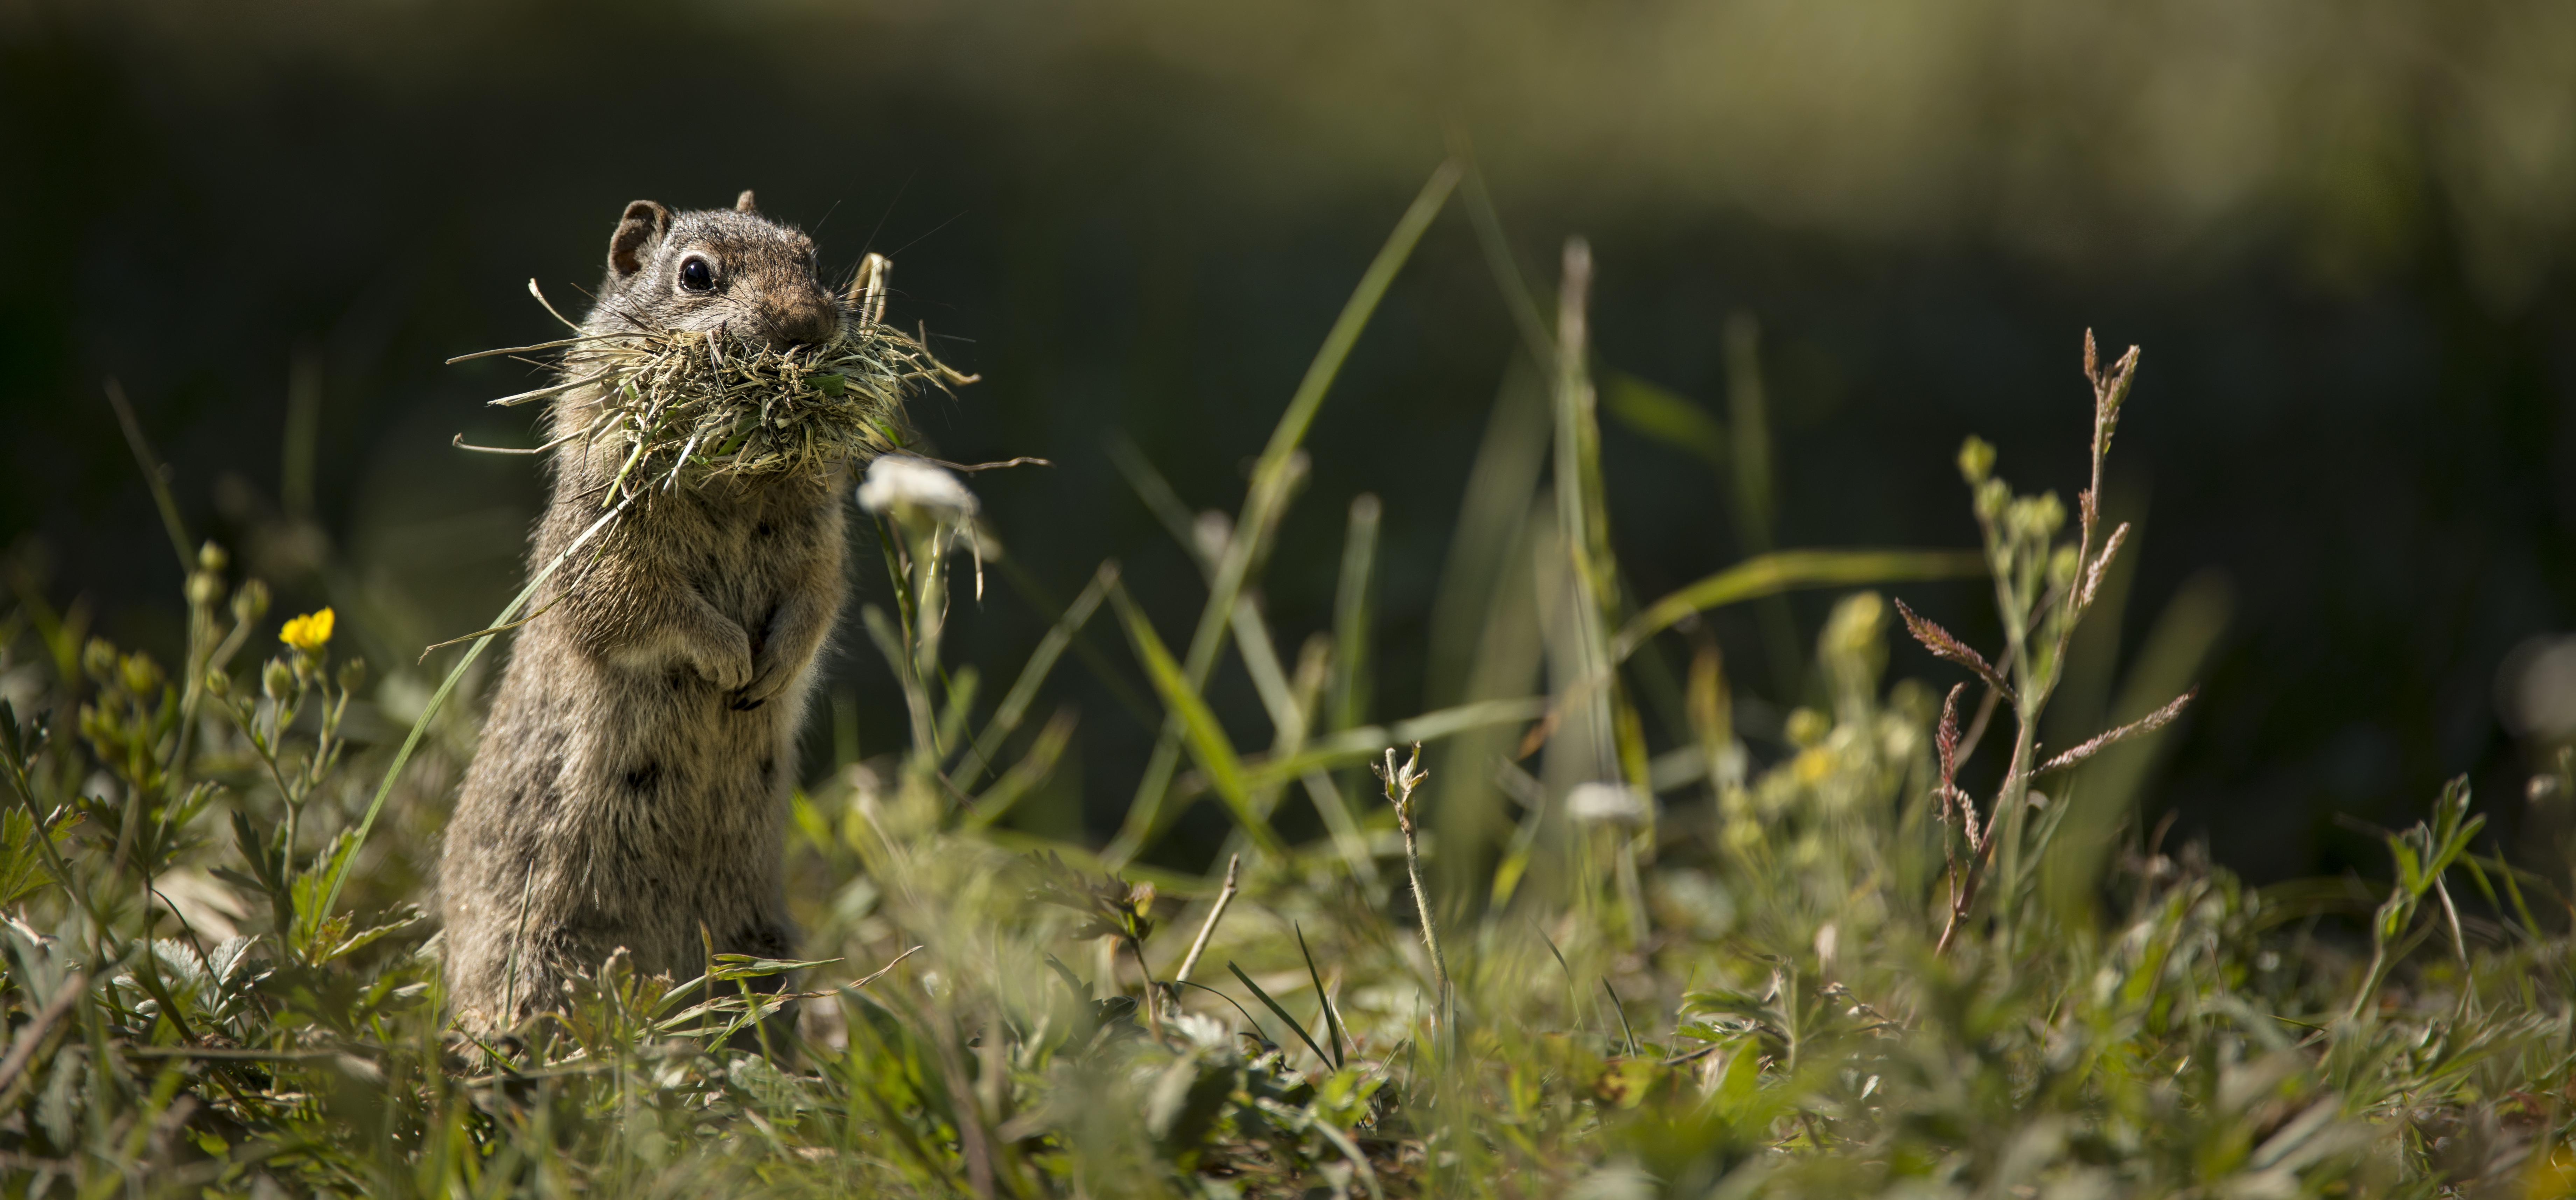 ground squirrel_DSC9319.jpg